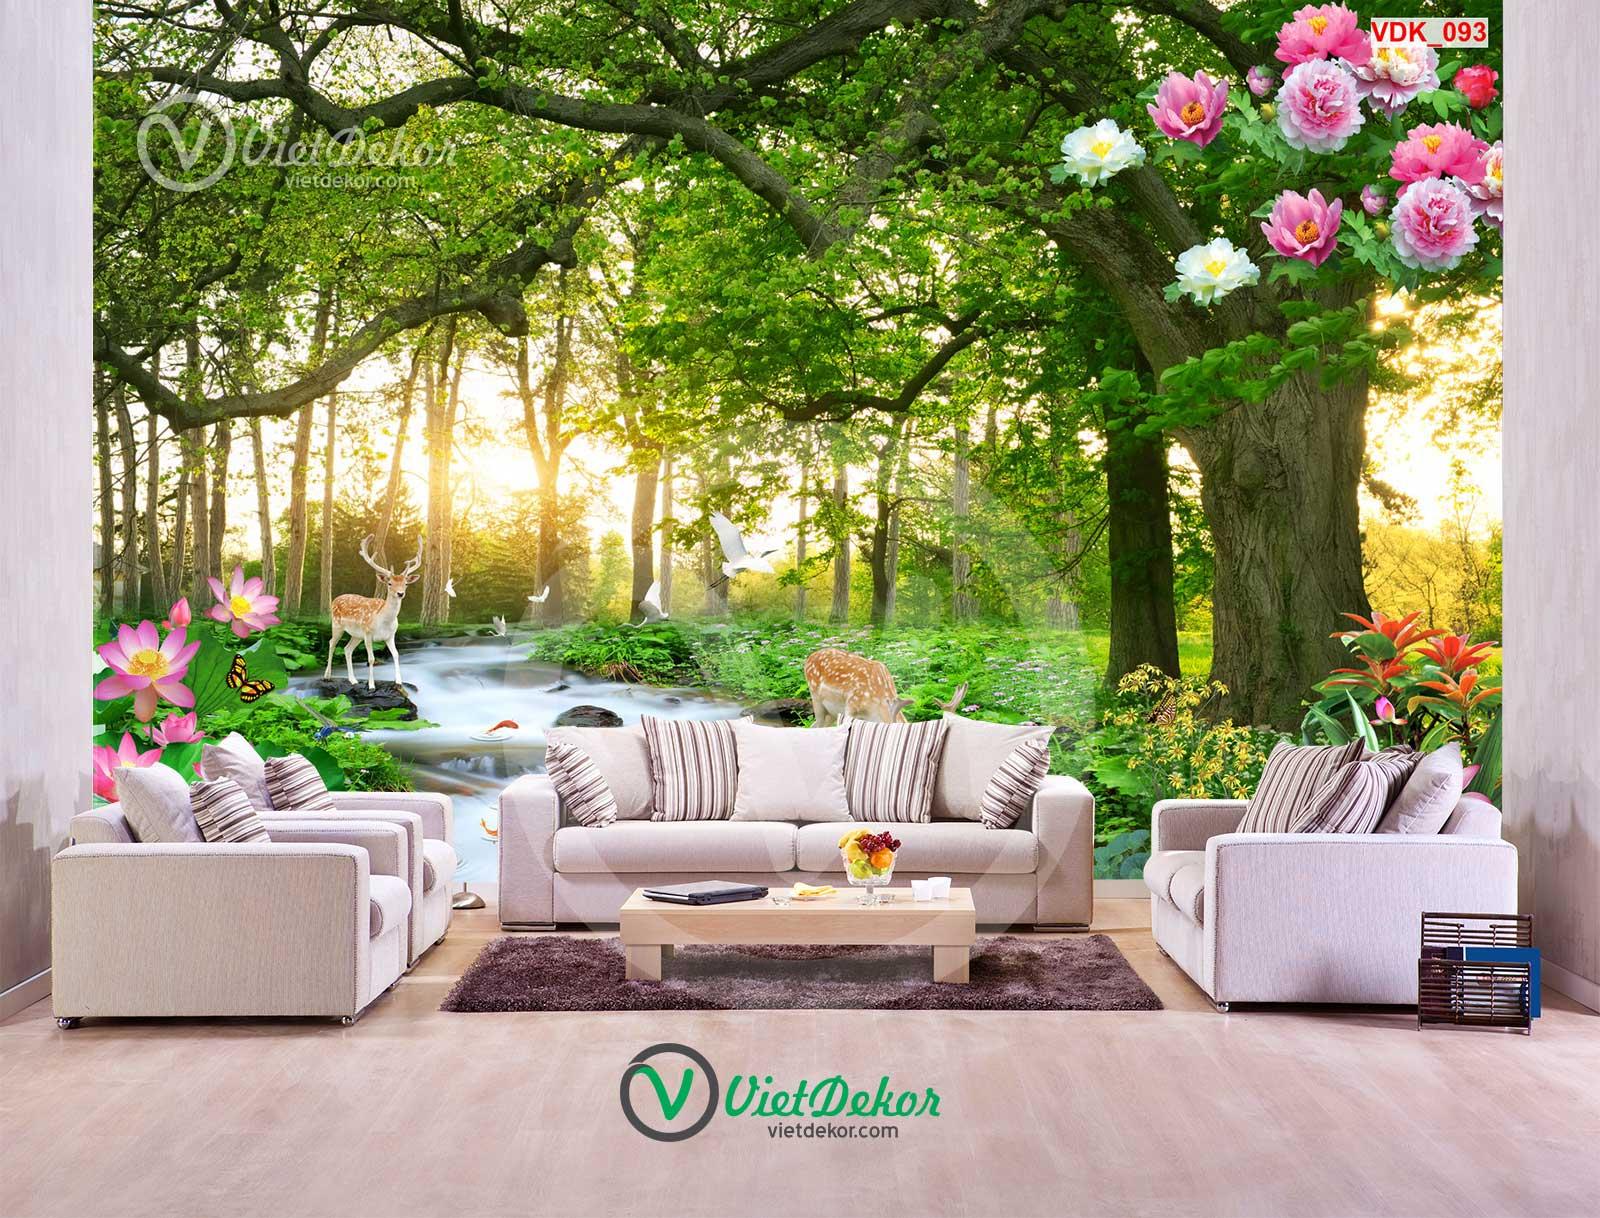 Tranh 3d thác nước hoa sen lai con cánh rừng phong cảnh thiên nhiên